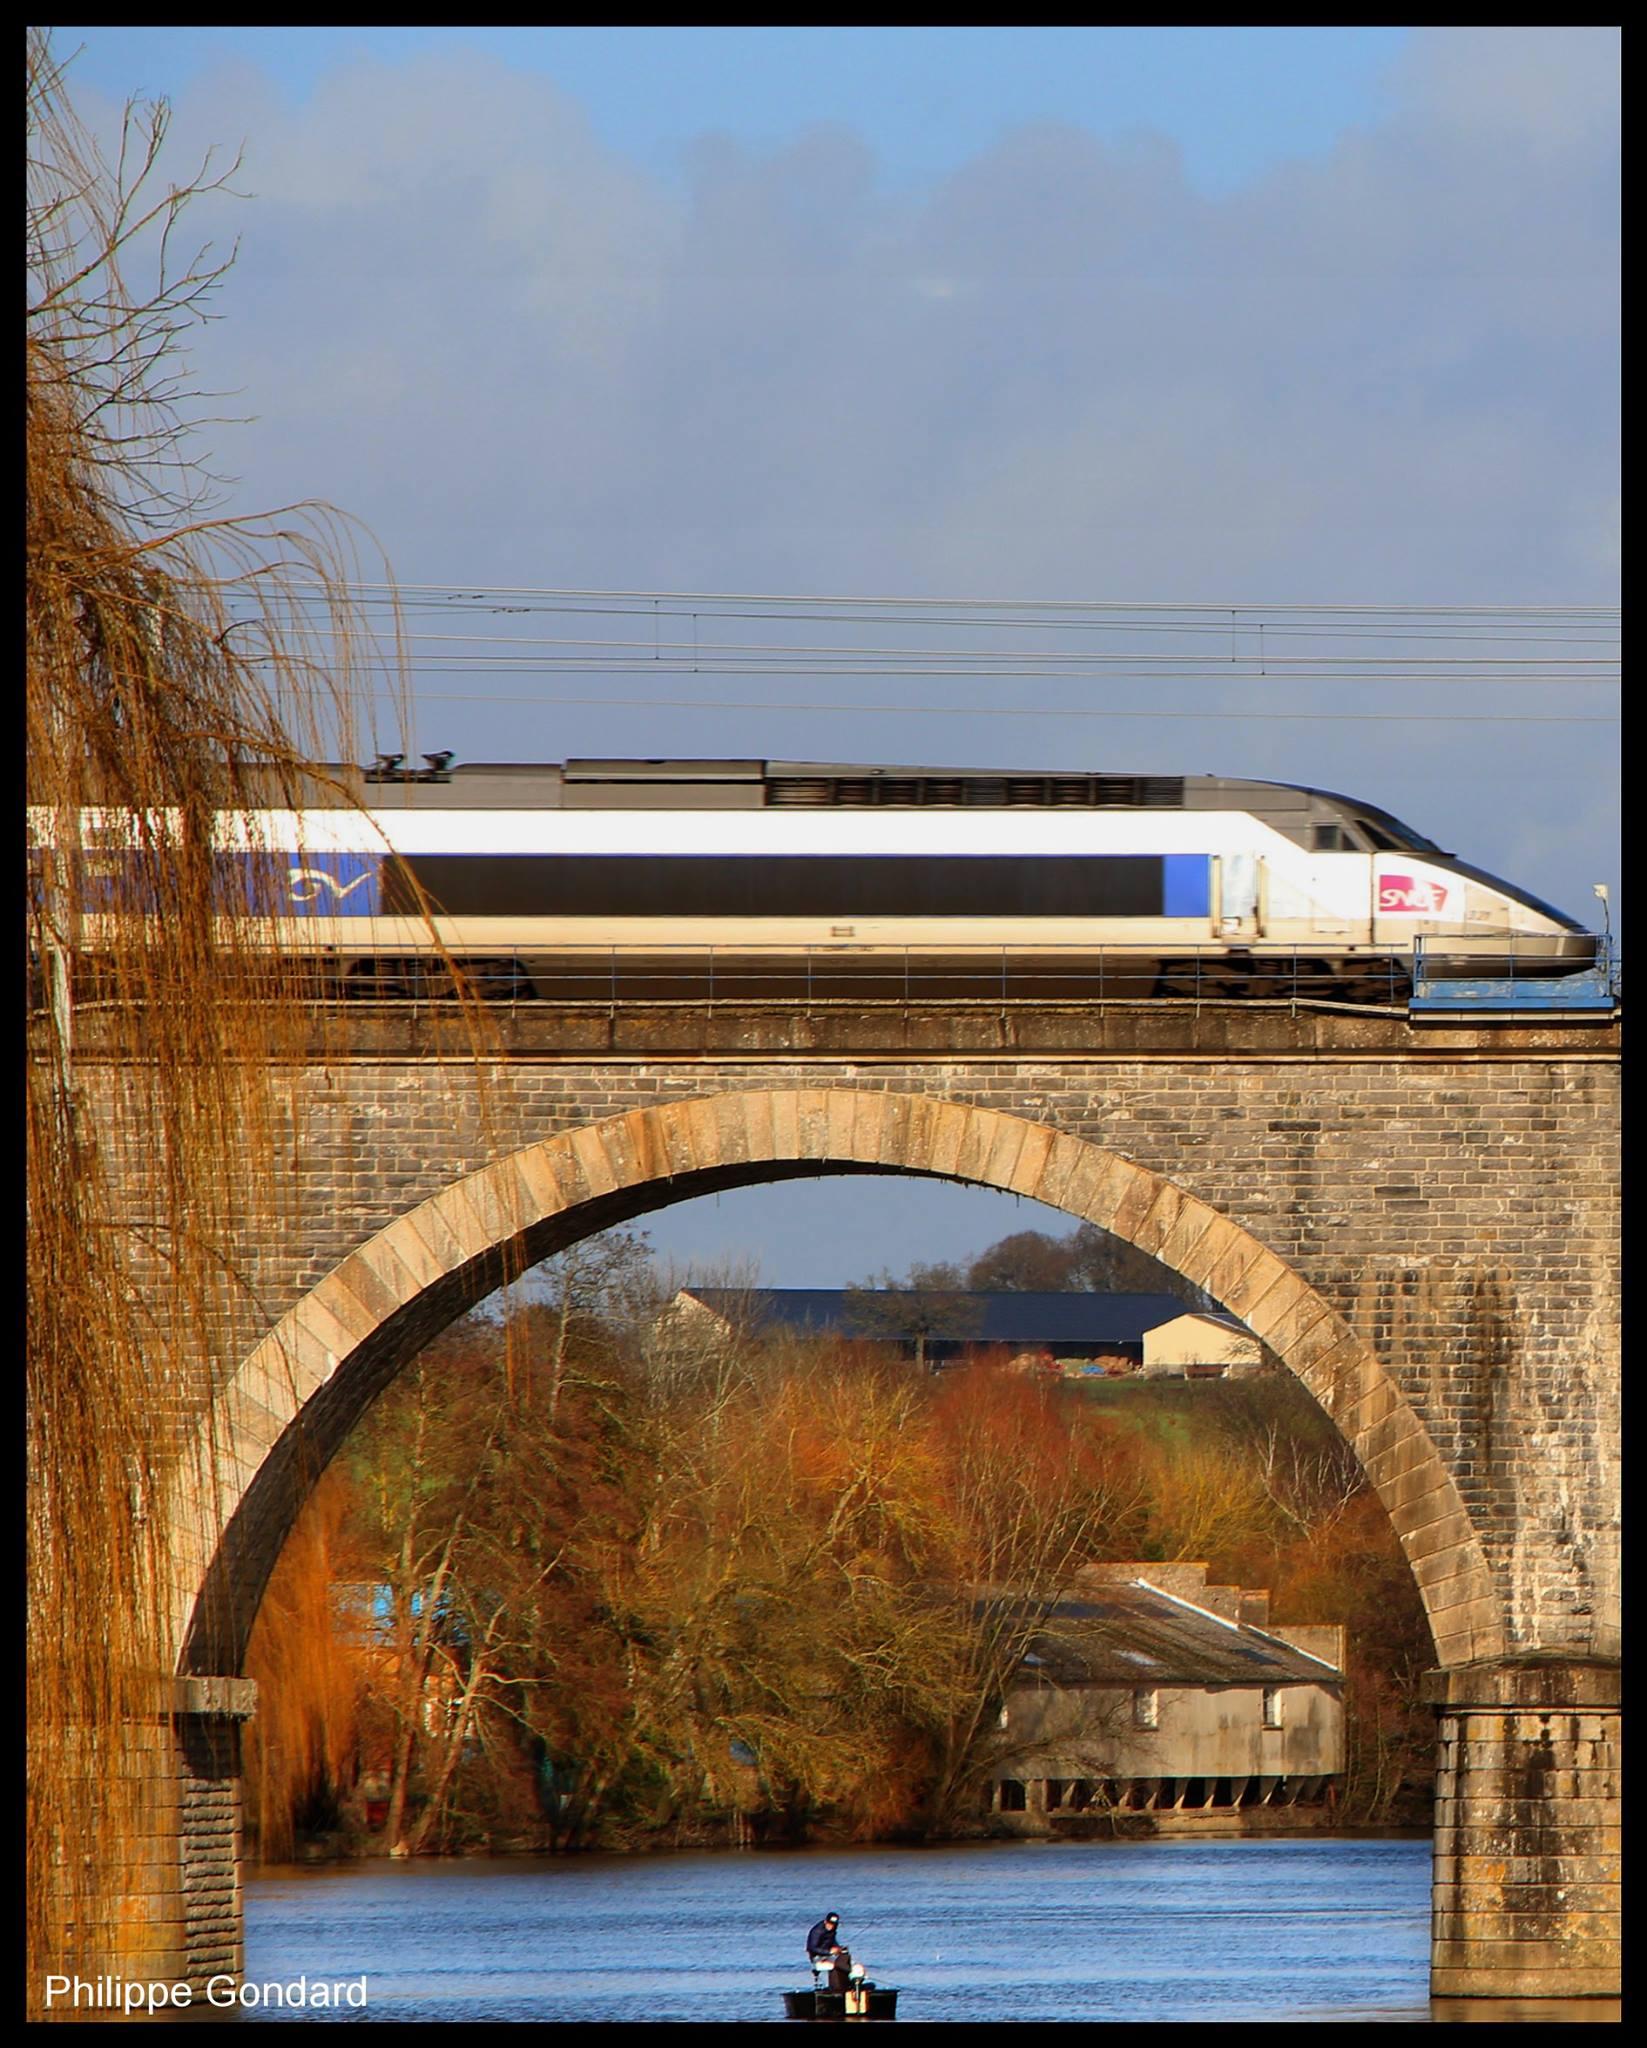 Noyen sur Sarthe - Le pont sur la ligne Le Mans - Angers (Philippe Gondard)